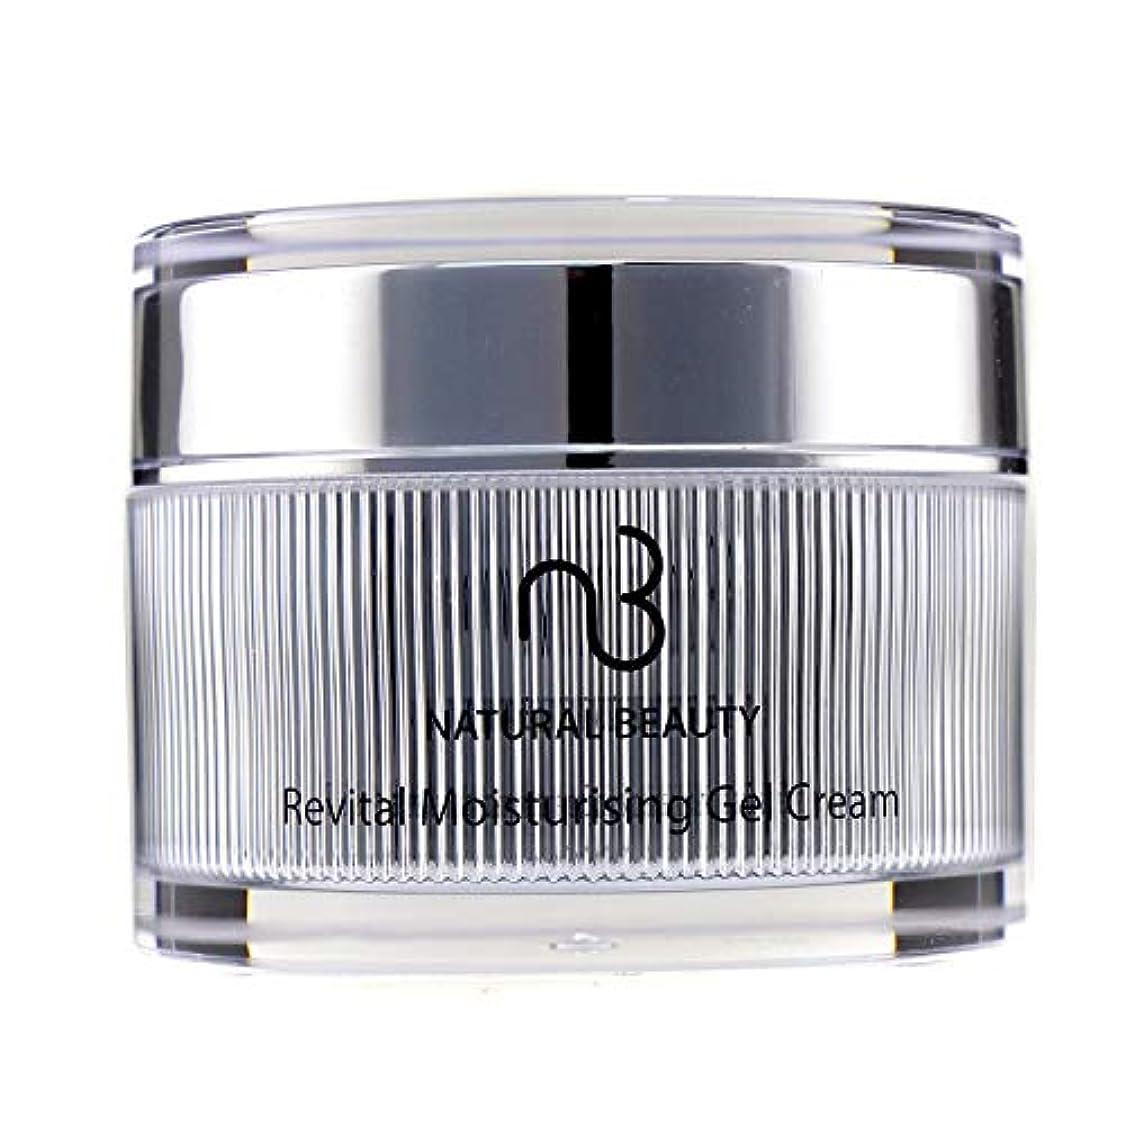 ほとんどの場合ジョイント間違っている自然の美 リバイタルモイスチャライジングジェルクリーム Natural Beauty Revital Moisturising Gel Cream 50ml/1.7oz並行輸入品